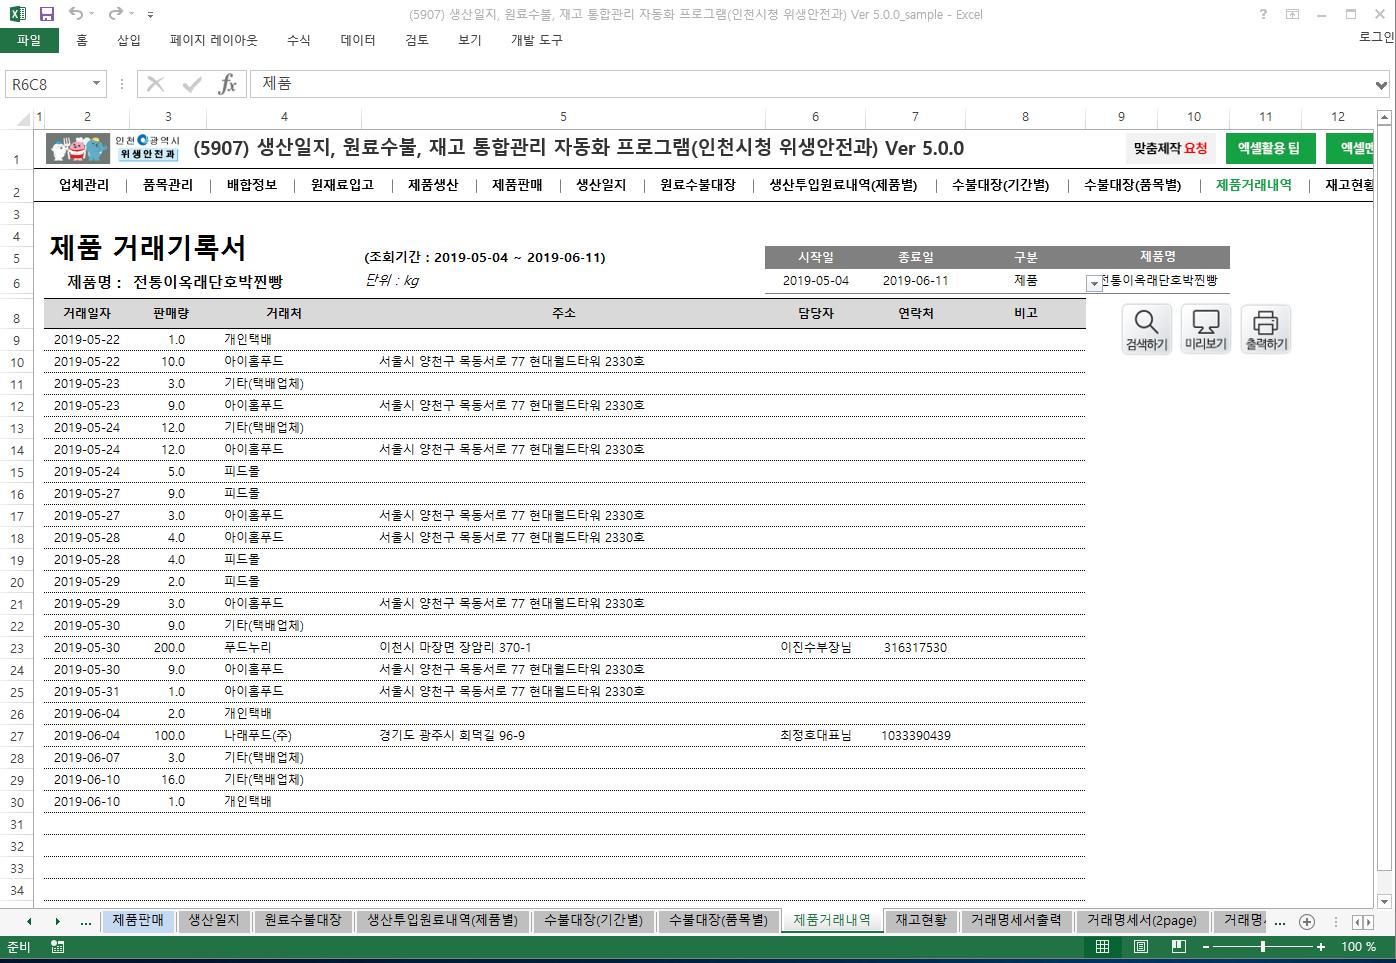 생산일지, 원료수불, 재고 통합관리 자동화 프로그램(인천시청 위생안전과) Ver 5.0